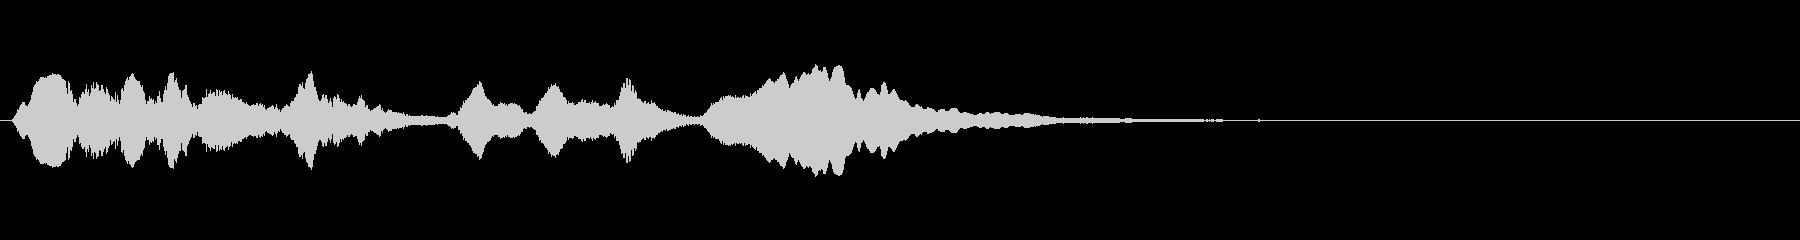 バイオリンのフレーズ02【爽やか/短い】の未再生の波形